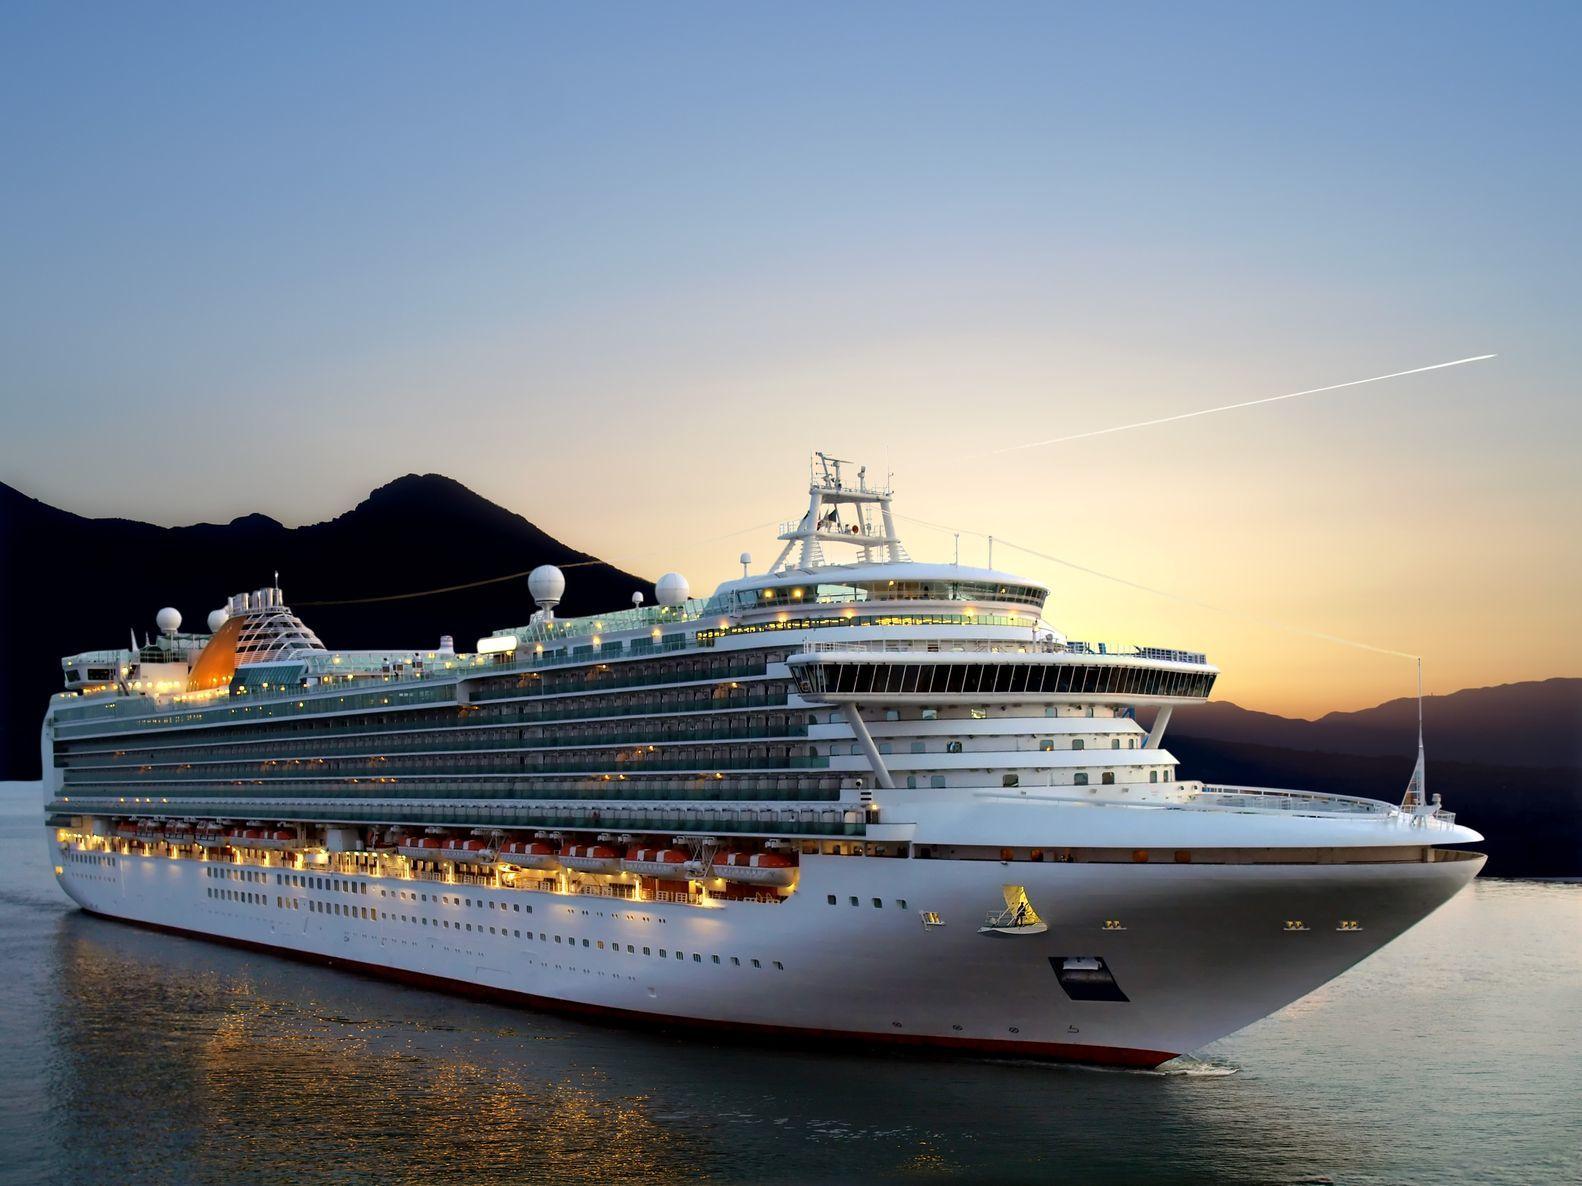 Luxusní výletní loď | nan728/123RF.com